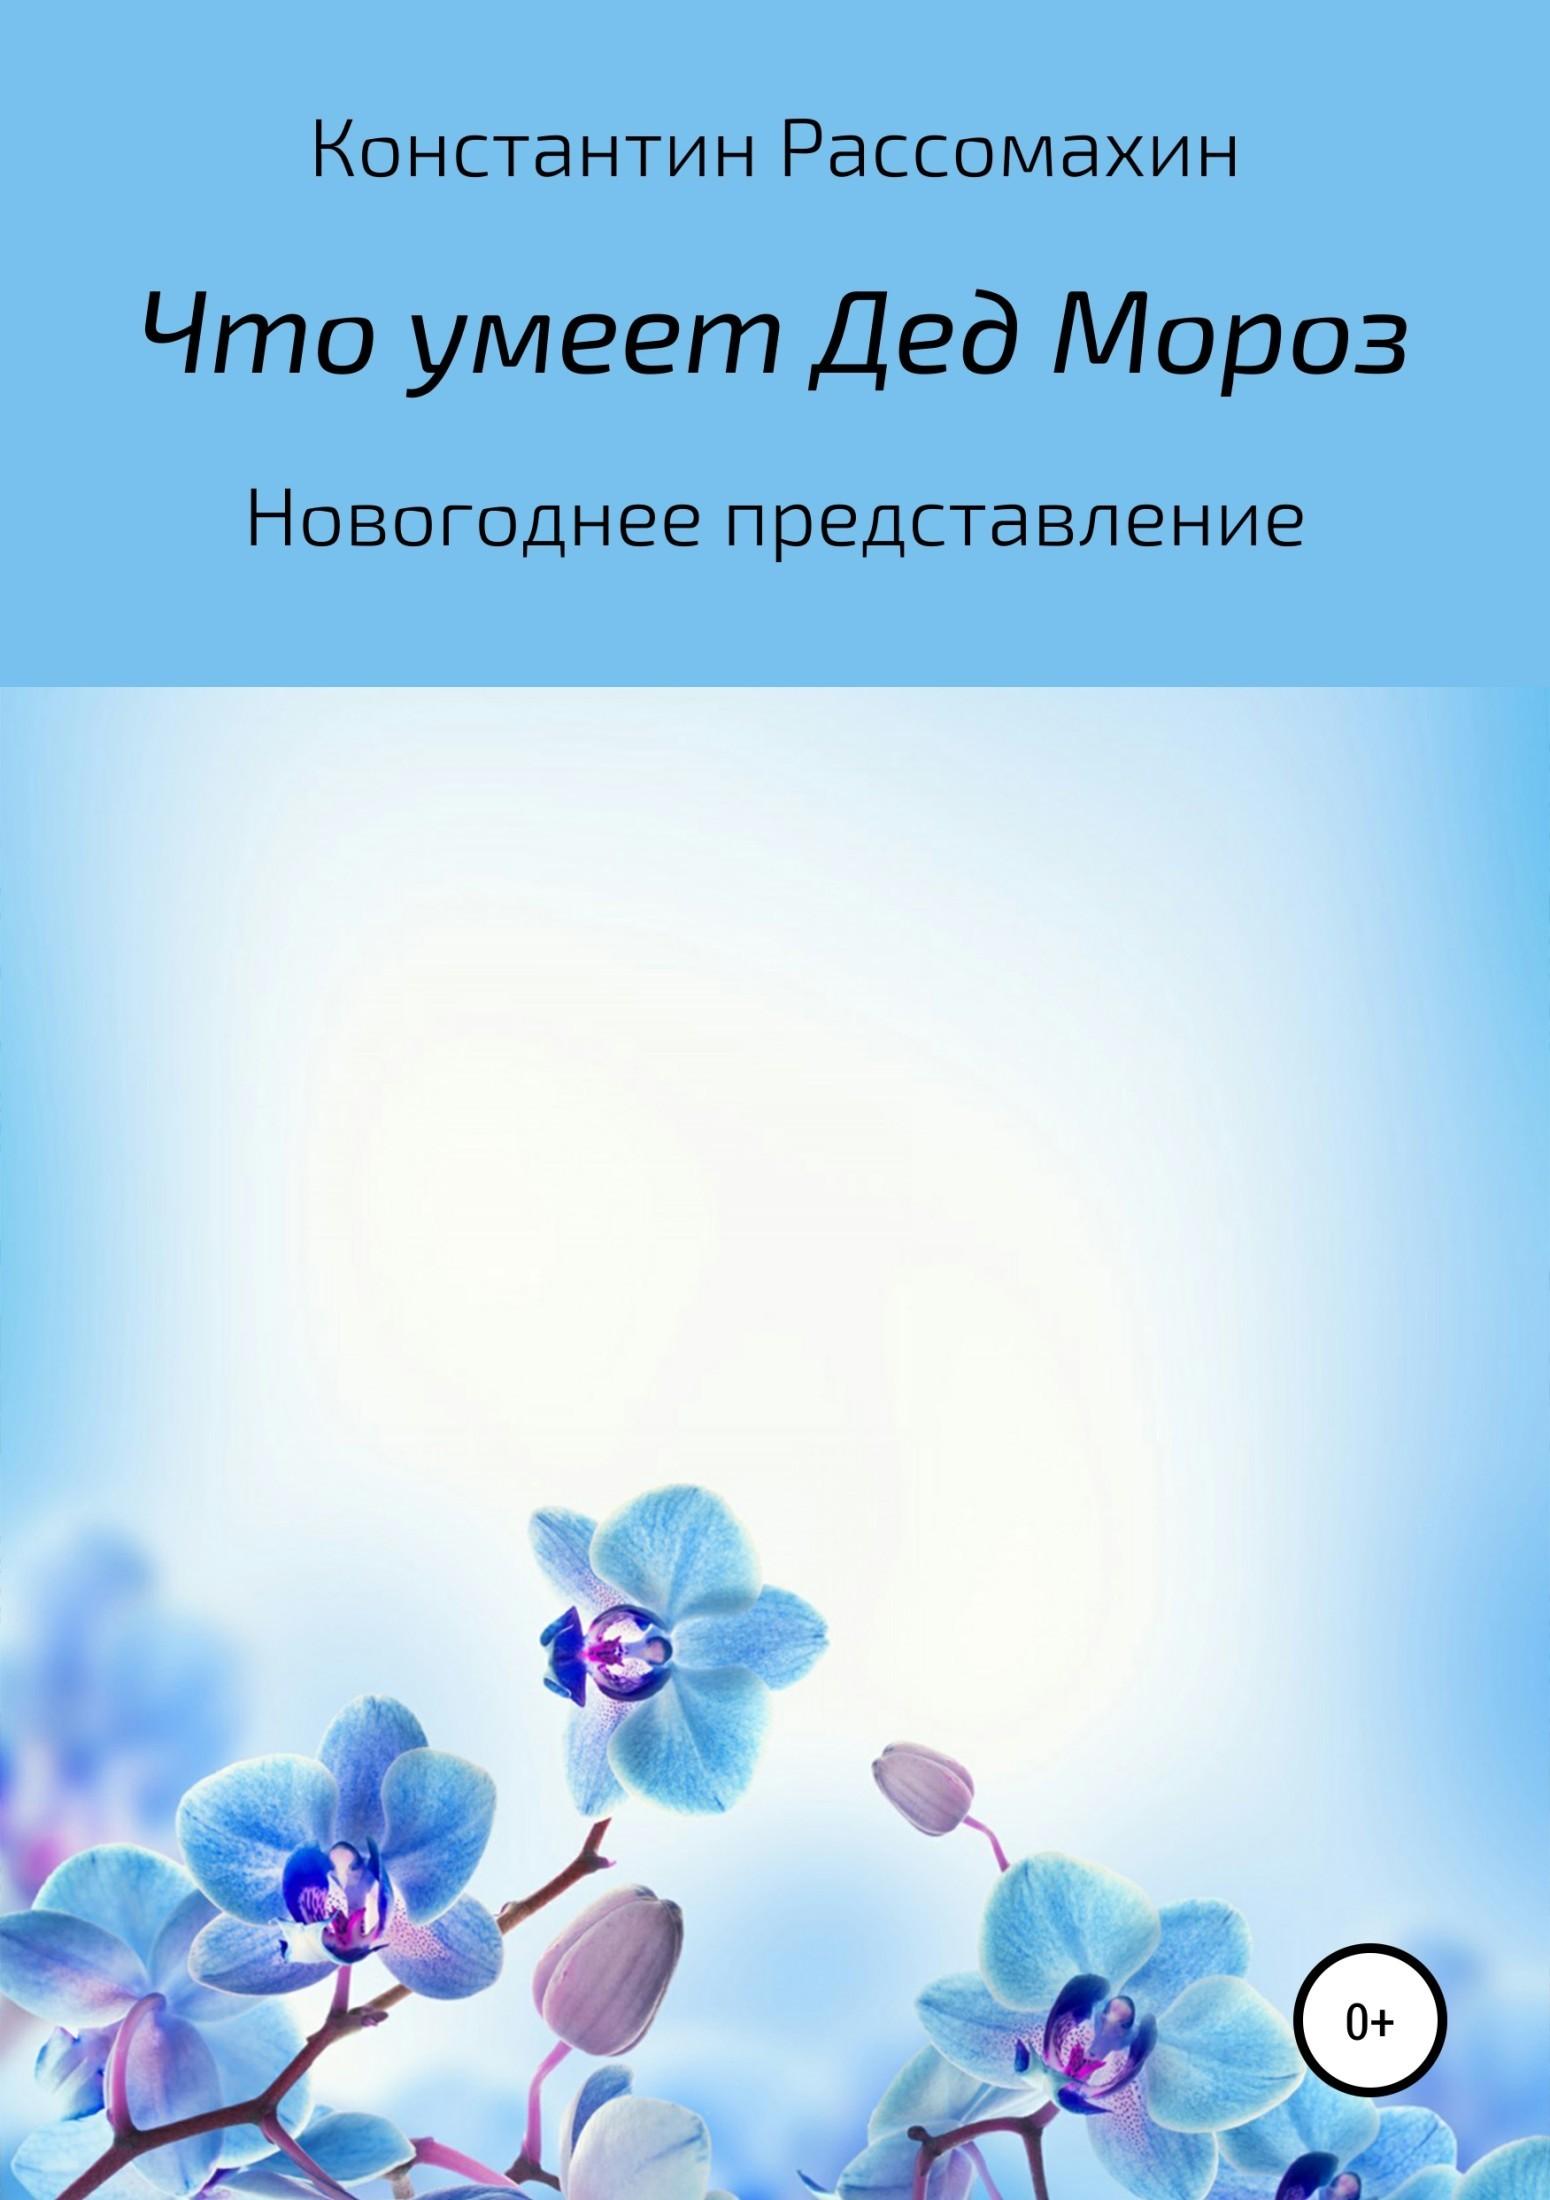 Константин Рассомахин - Что умеет Дед Мороз